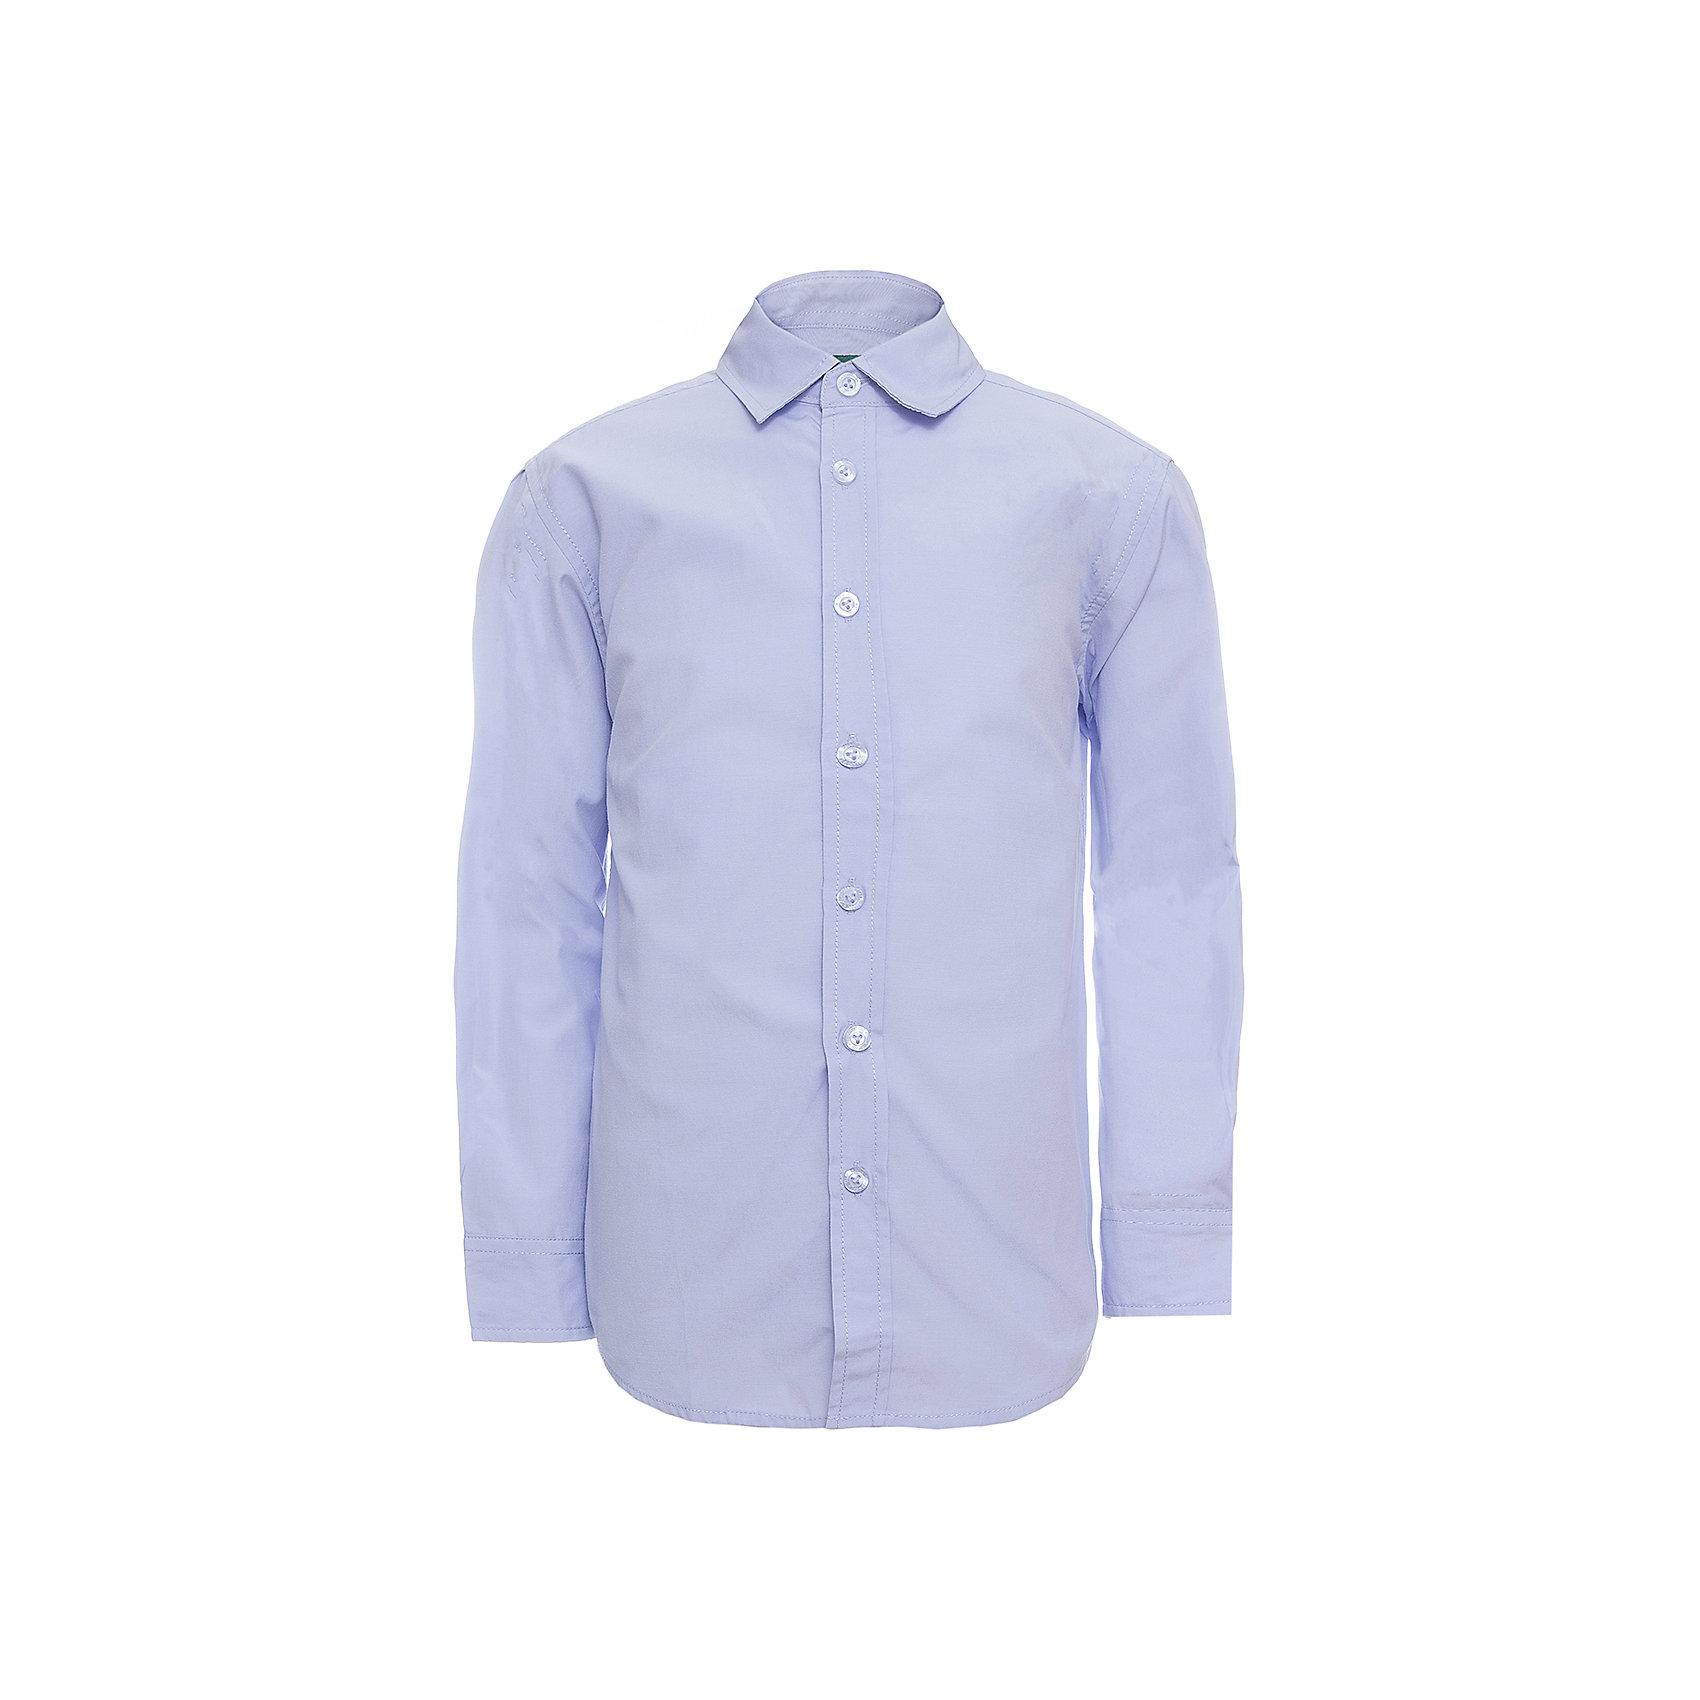 Рубашка SELA для мальчикаБлузки и рубашки<br>Характеристики товара:<br><br>• цвет: сиреневый;<br>• состав: 60% хлопок, 40% полиэстер;<br>• сезон: круглый год;<br>• особенности: повседневная, школьная;<br>• застежка: пуговицы;<br>• манжеты на пуговицах;<br>• с длинным рукавом;<br>• страна бренда: Россия;<br>• страна изготовитель: Китай.<br><br>Школьная рубашка с длинным рукавом для мальчика. Рубашка выполнена в сиреневом цвете, застегивается на пуговицы. Манжеты с регулируемой шириной, застегиваются на две пуговицы.<br><br>Рубашку Sela (Села) для мальчика можно купить в нашем интернет-магазине.<br><br>Ширина мм: 174<br>Глубина мм: 10<br>Высота мм: 169<br>Вес г: 157<br>Цвет: сиреневый<br>Возраст от месяцев: 132<br>Возраст до месяцев: 144<br>Пол: Мужской<br>Возраст: Детский<br>Размер: 152,122,128,134,140,146<br>SKU: 7009798